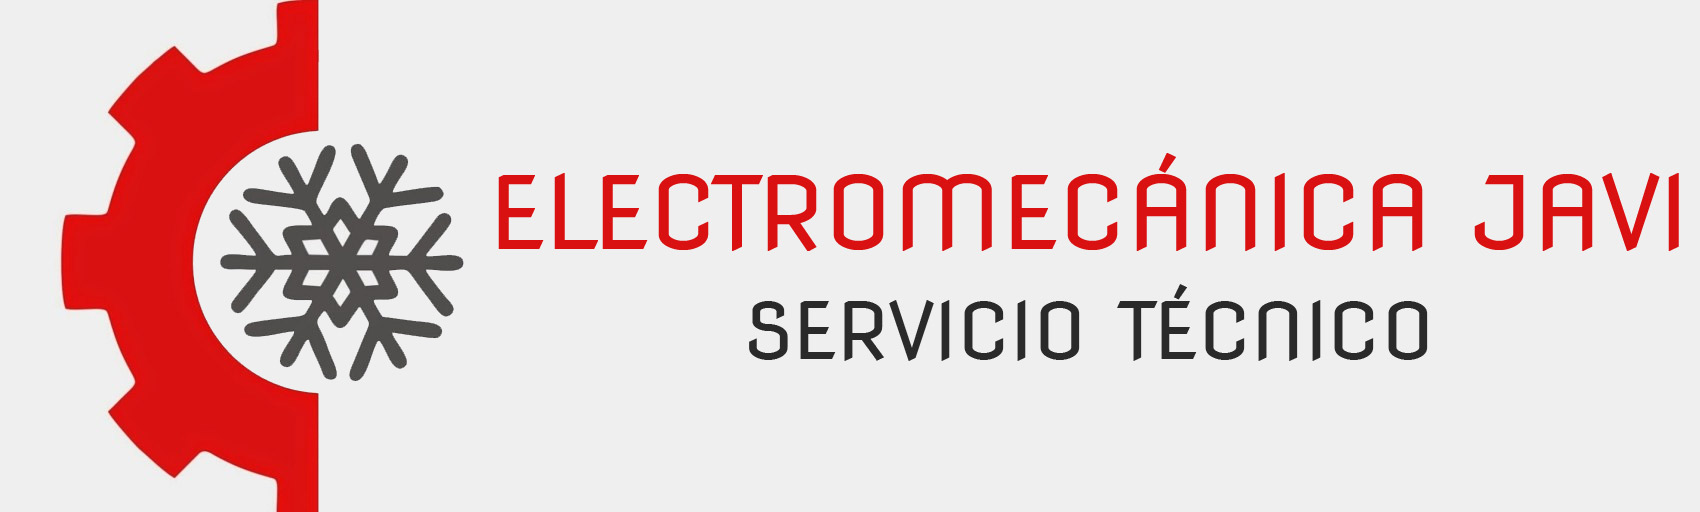 Electromecánica Javi, Servicio Técnico Dometic en en Bizkaia (País Vasco)